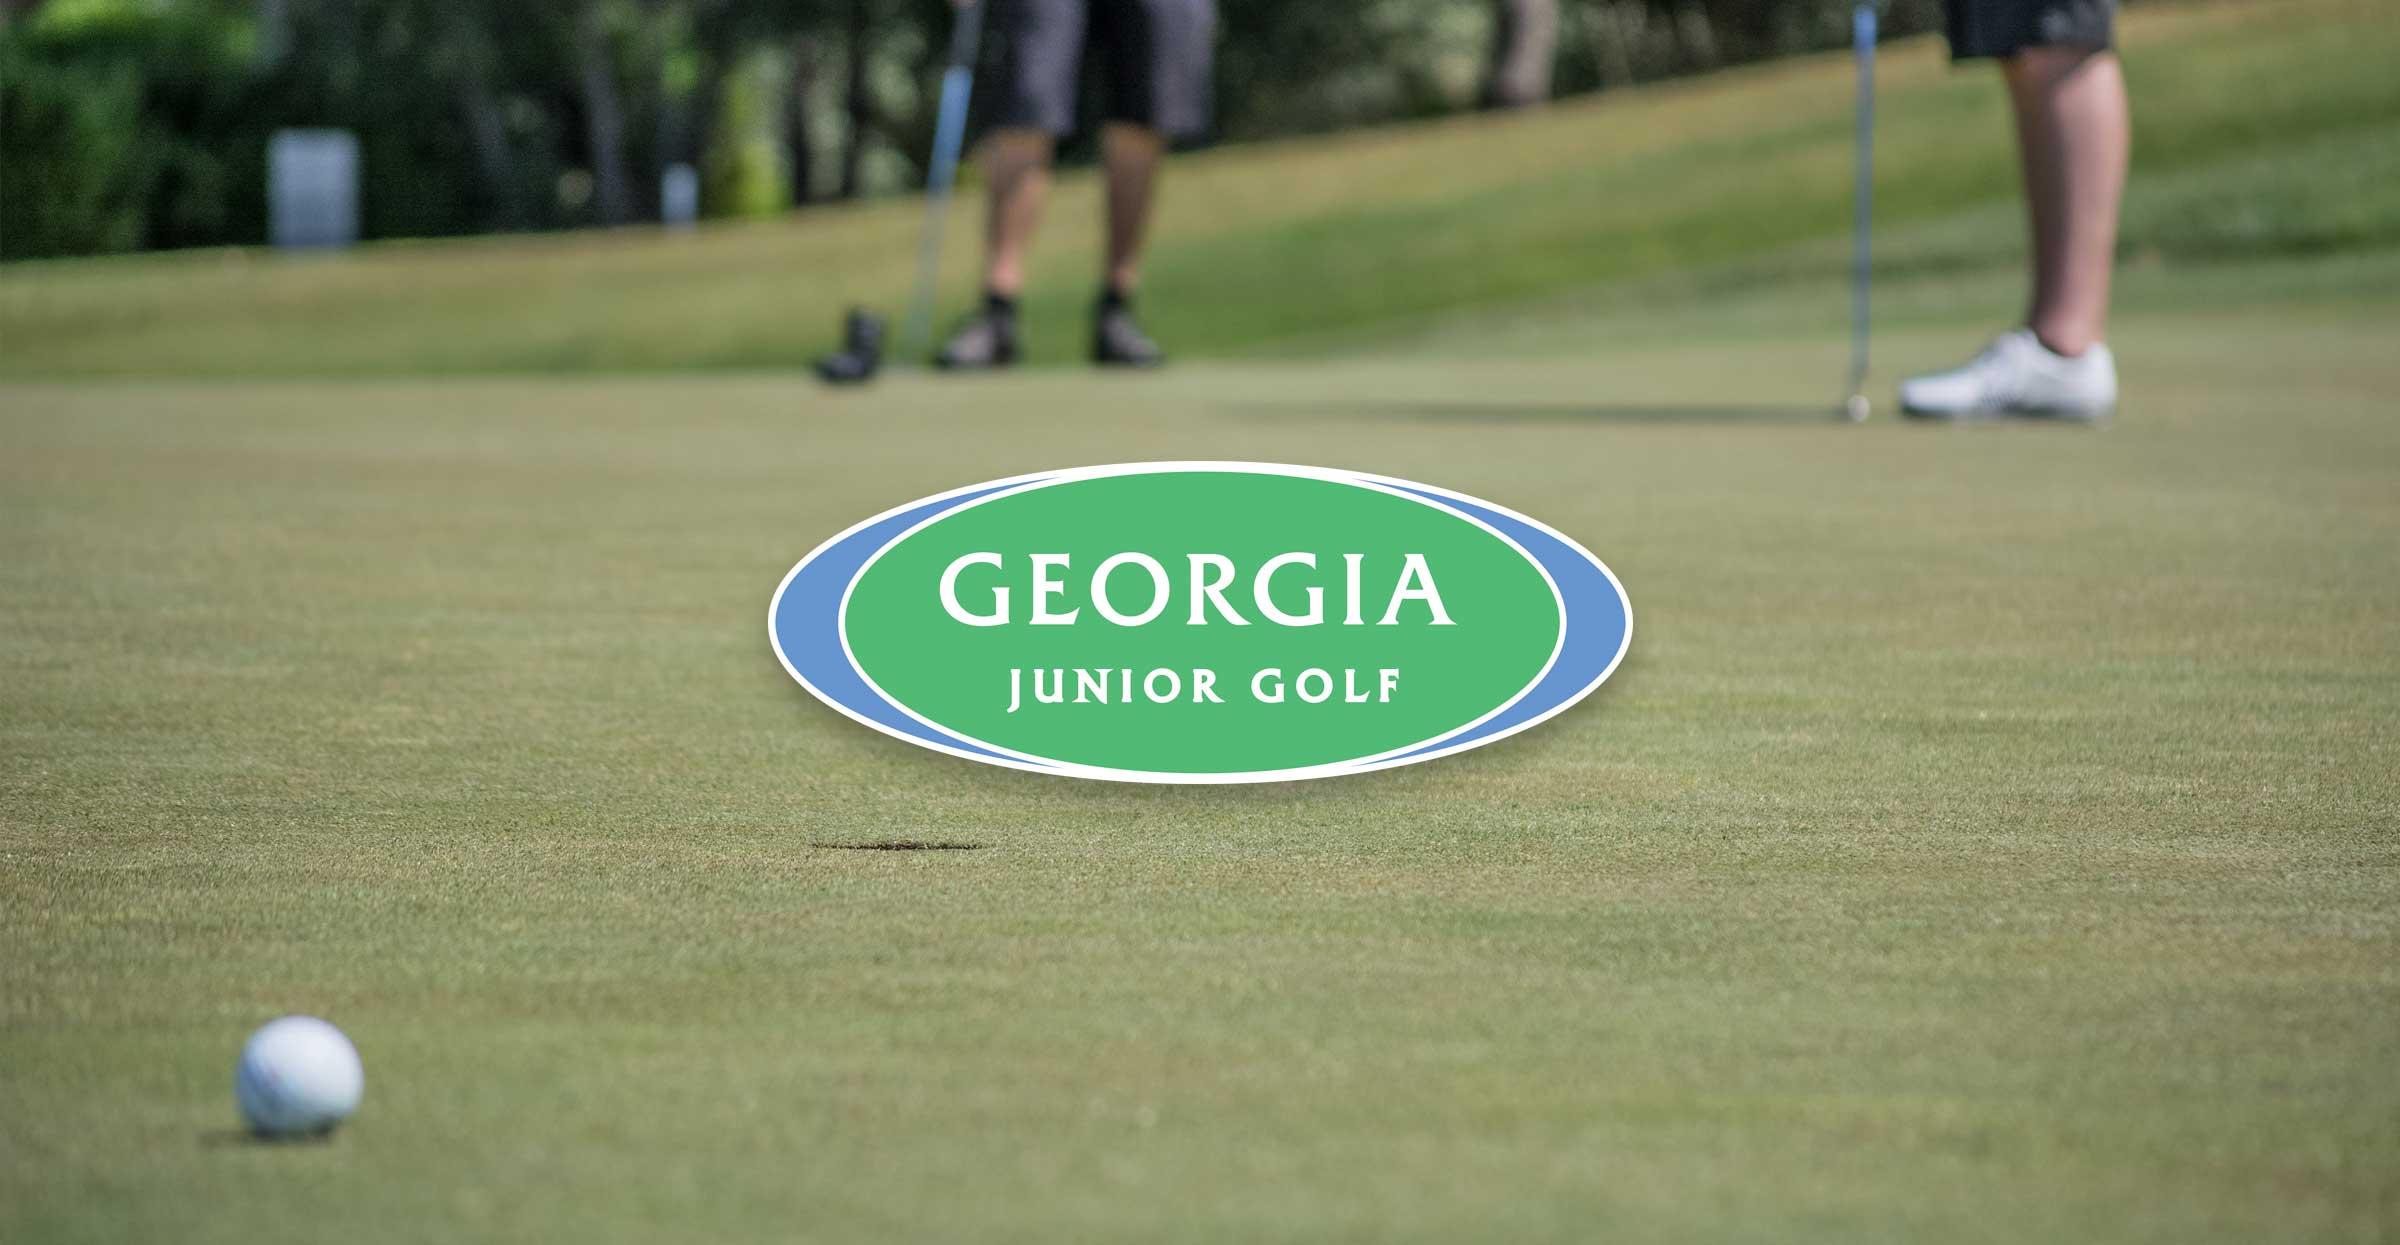 Gsga Junior Tour Georgia S Home For Junior Golf